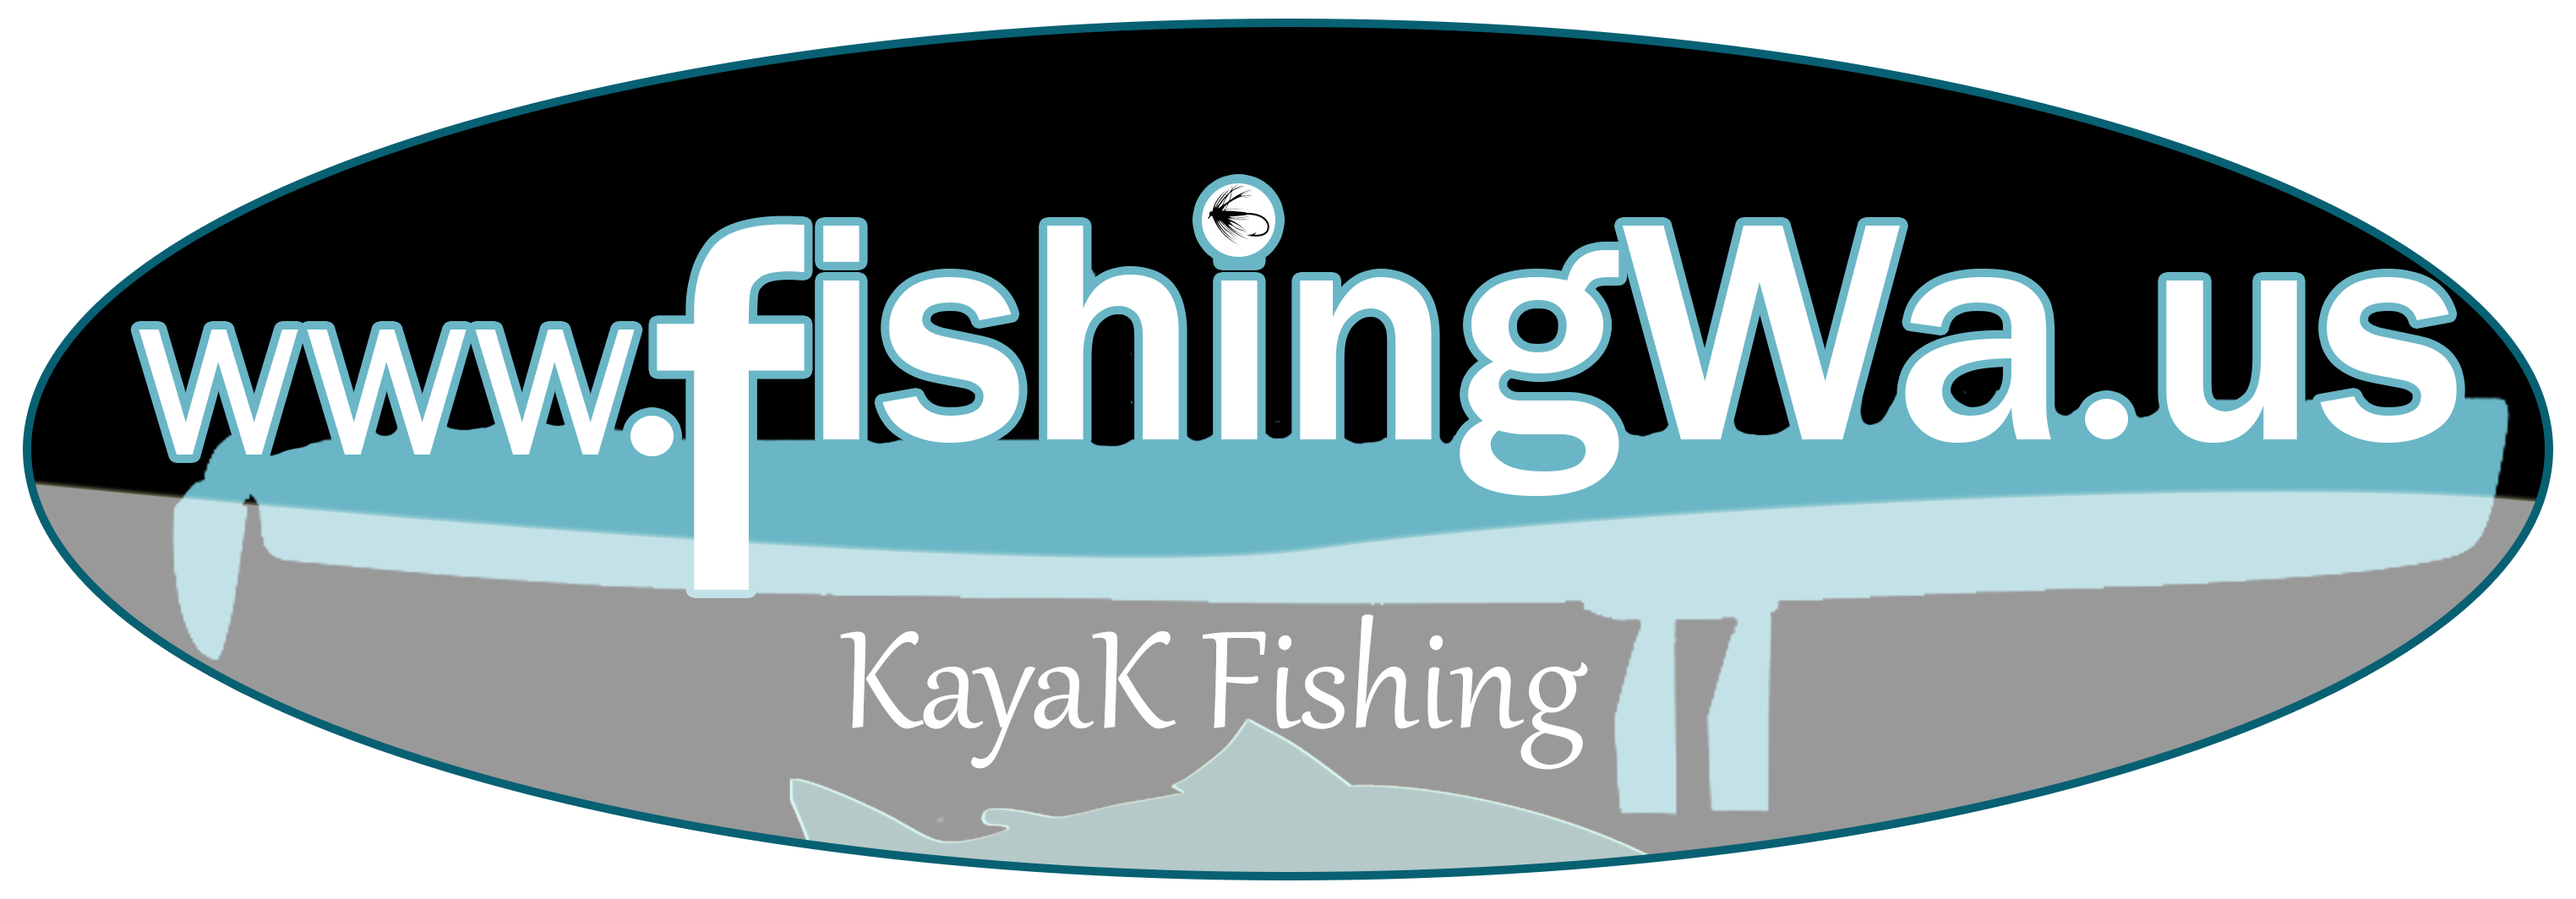 Fishing Area Code - Fishing Wa - Fishing Washington FishingWa